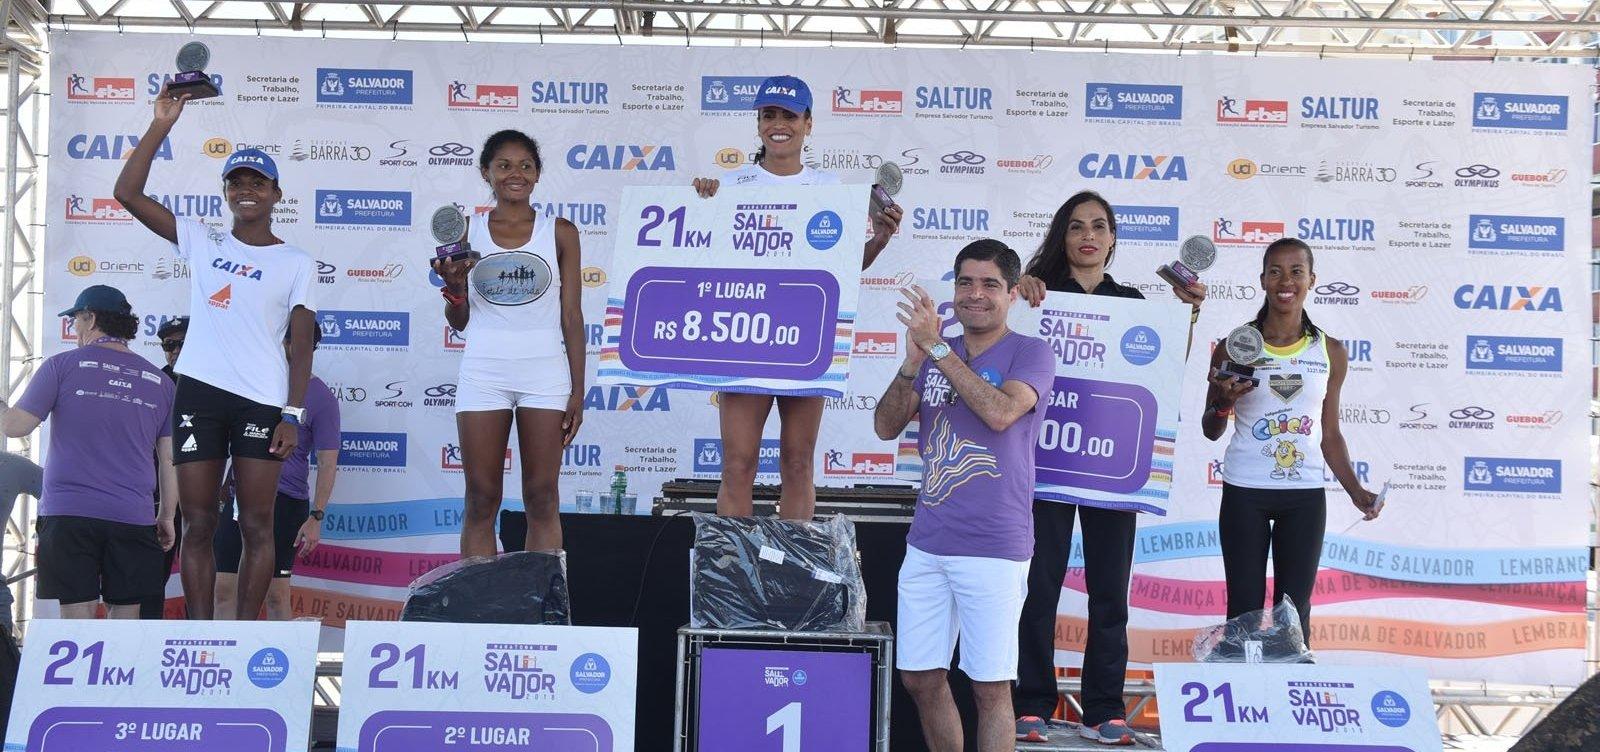 Maratona de Salvador garante R$ 163 mil em premiações